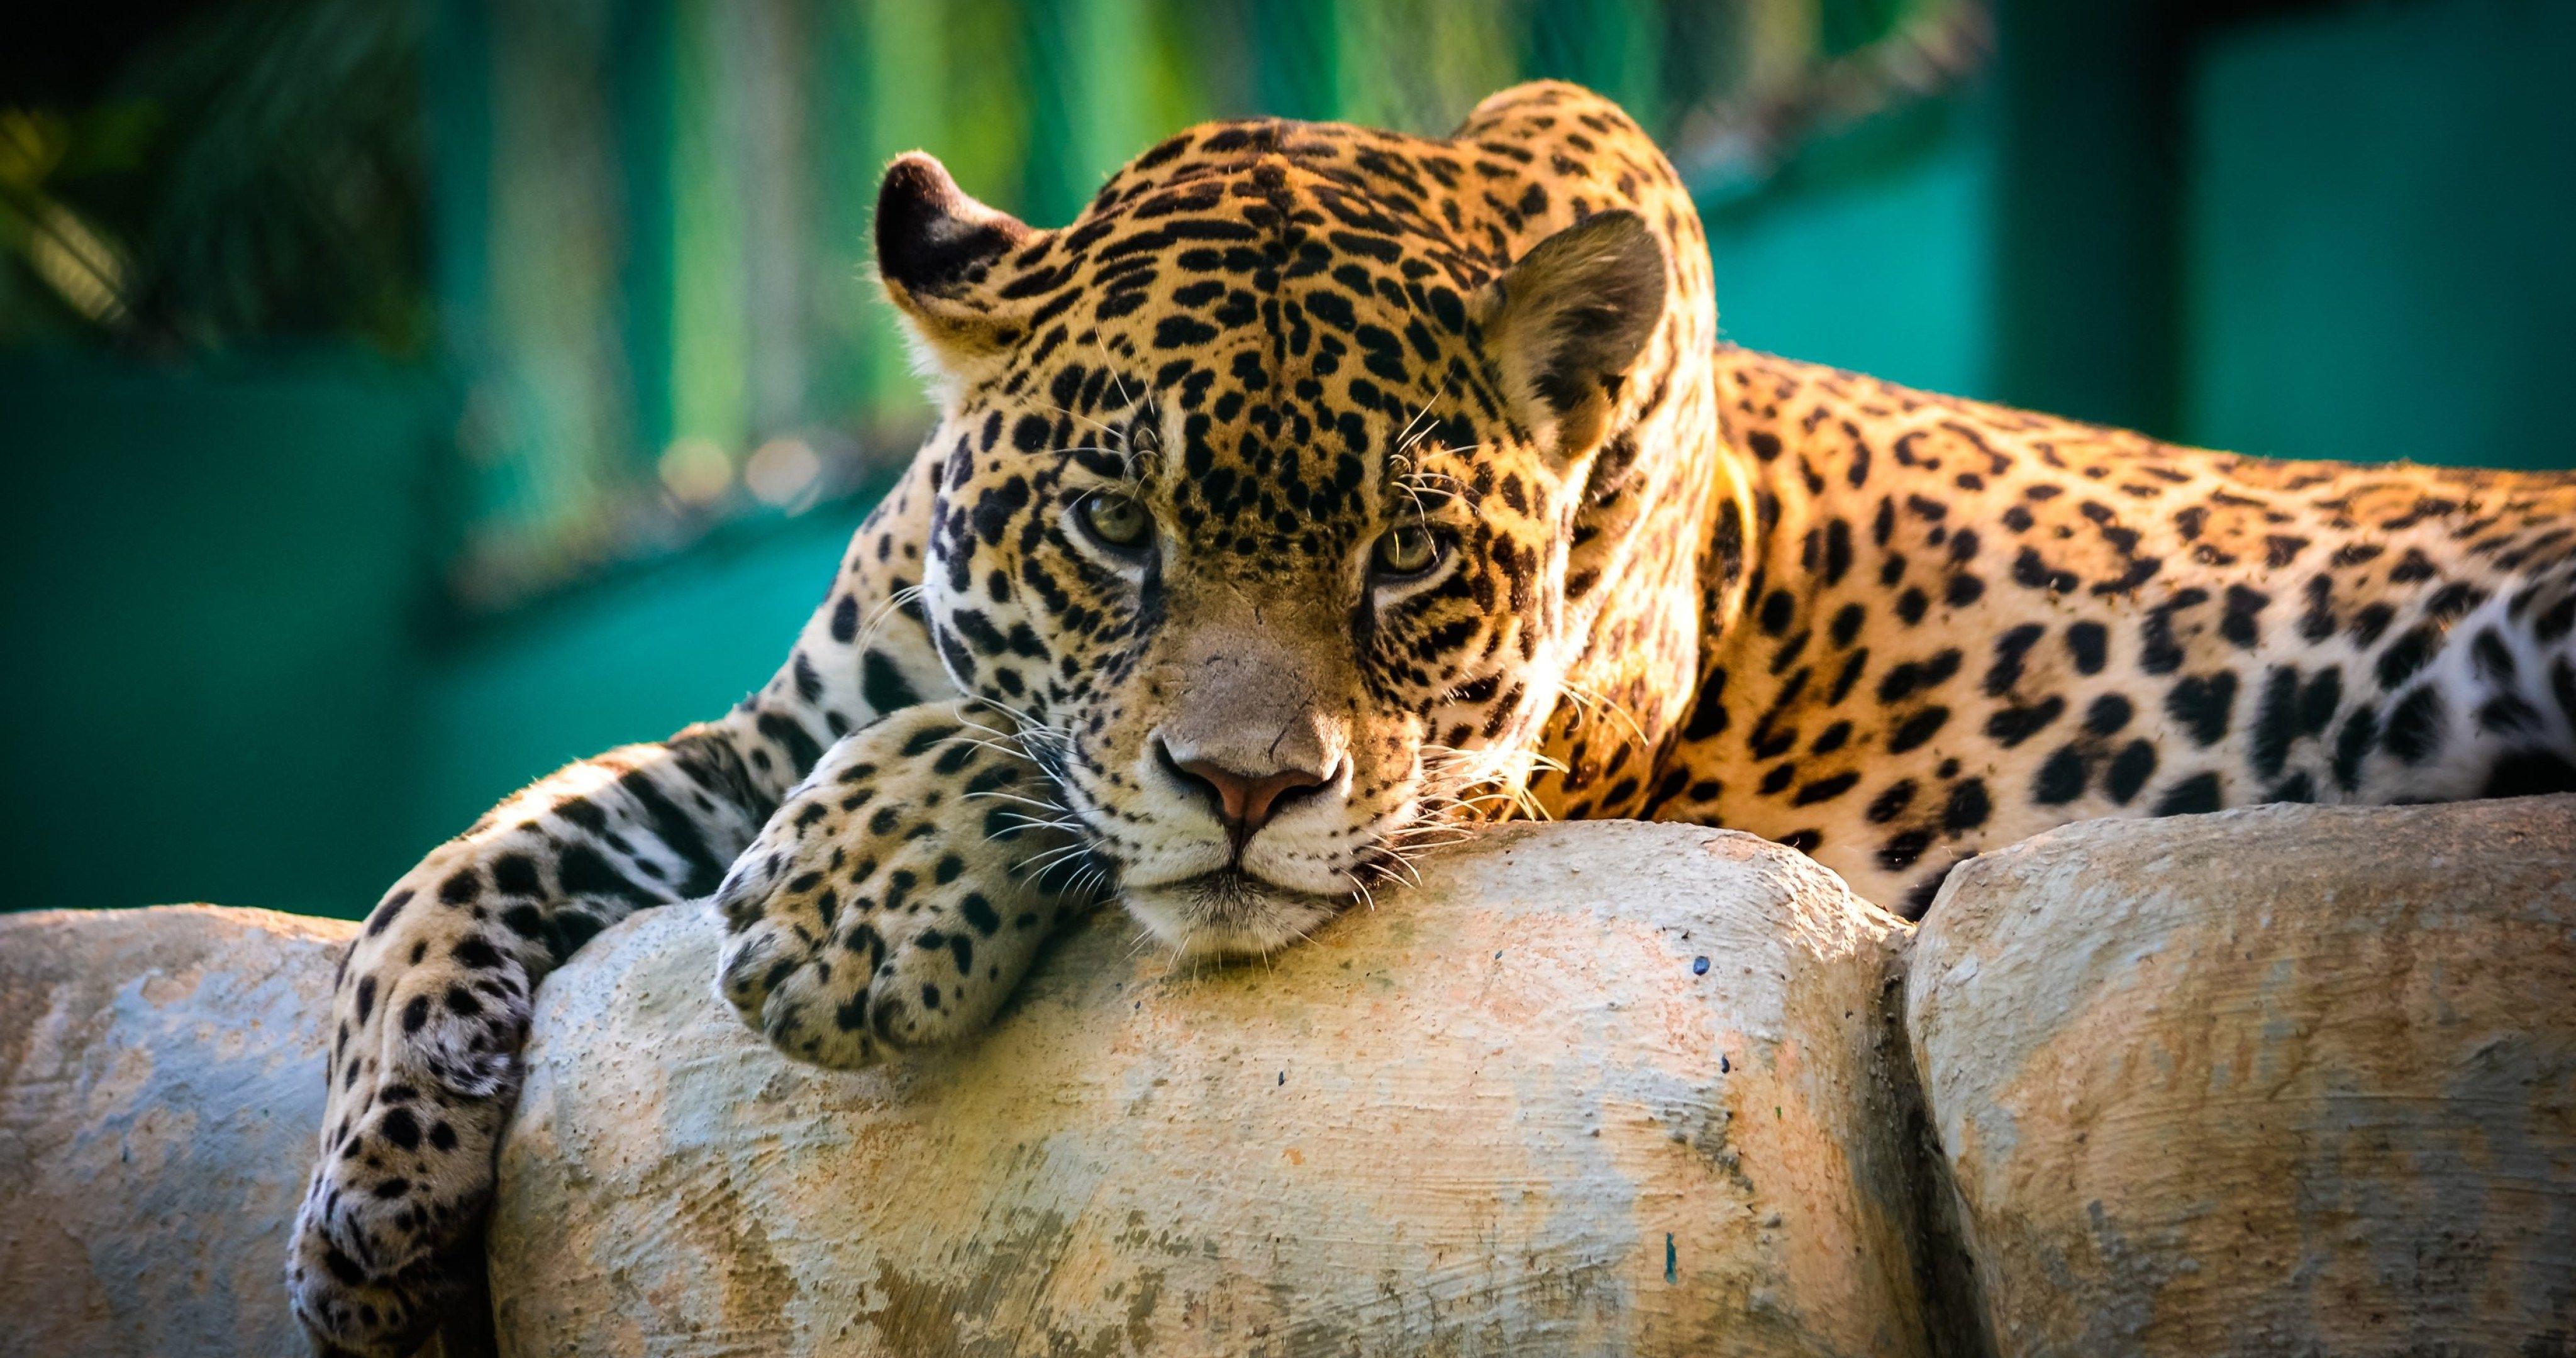 Hd wallpaper jaguar - Amazing Jaguar Wild Cat 4k Ultra Hd Wallpaper